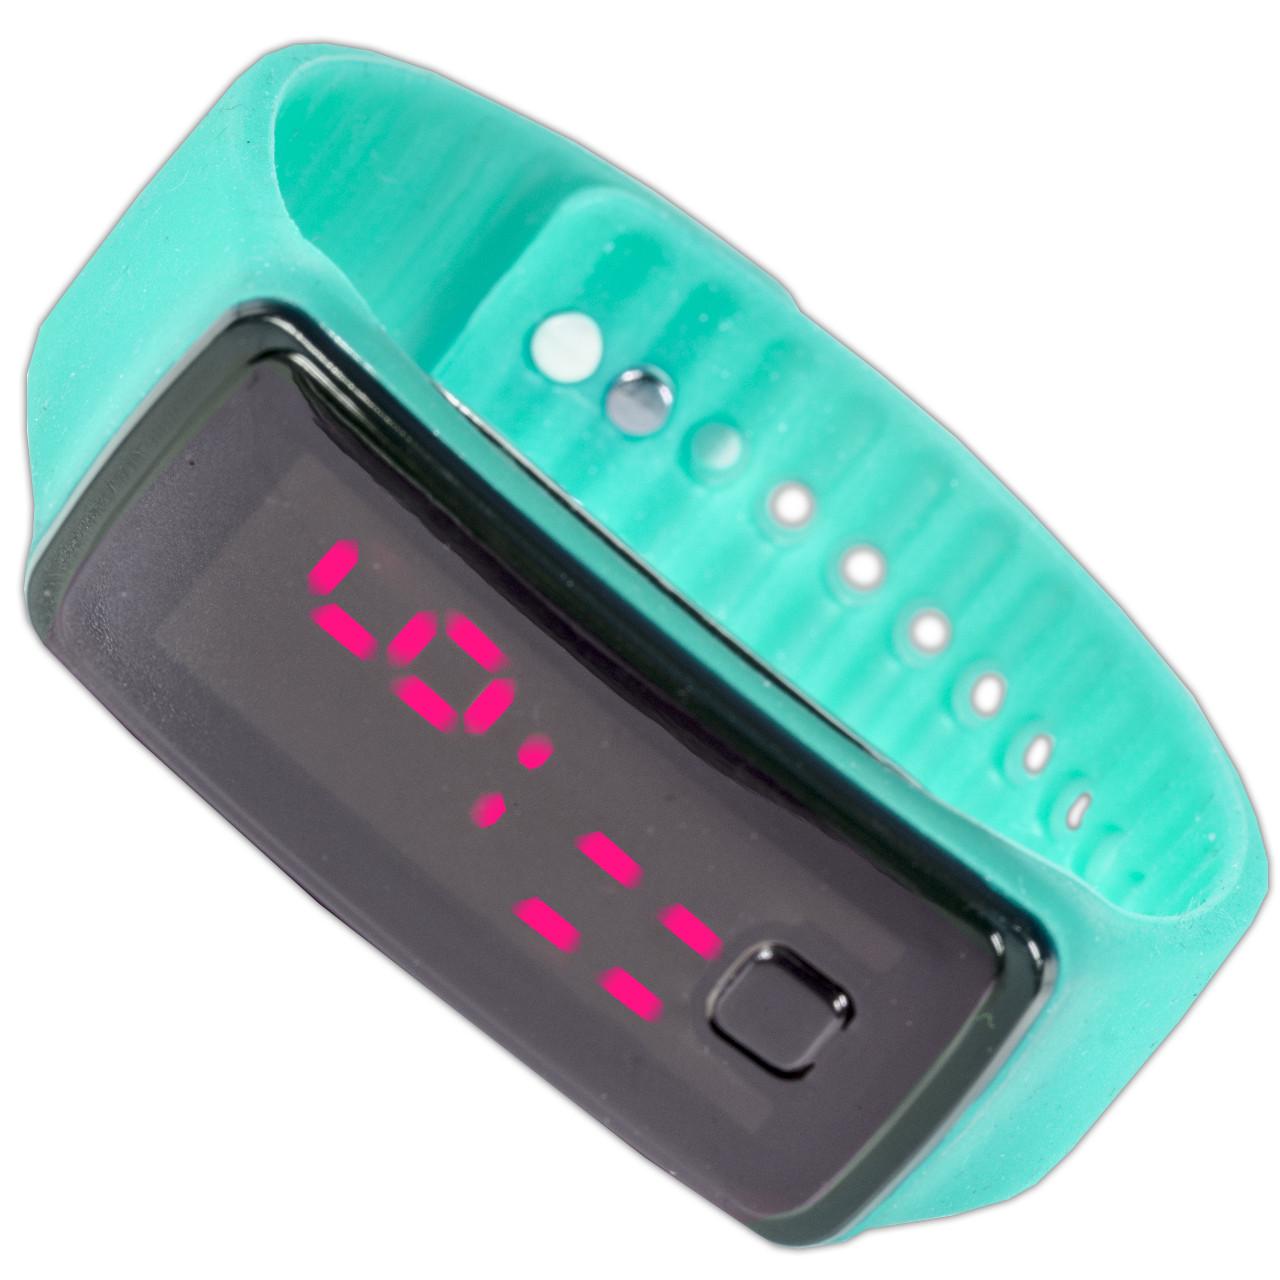 Наручные Lesko LED часы бирюзовые для активного отдыха универсальные компактные с ярким дисплеем smart - Mobiloz - інтернет магазин розумних покупок в Киеве